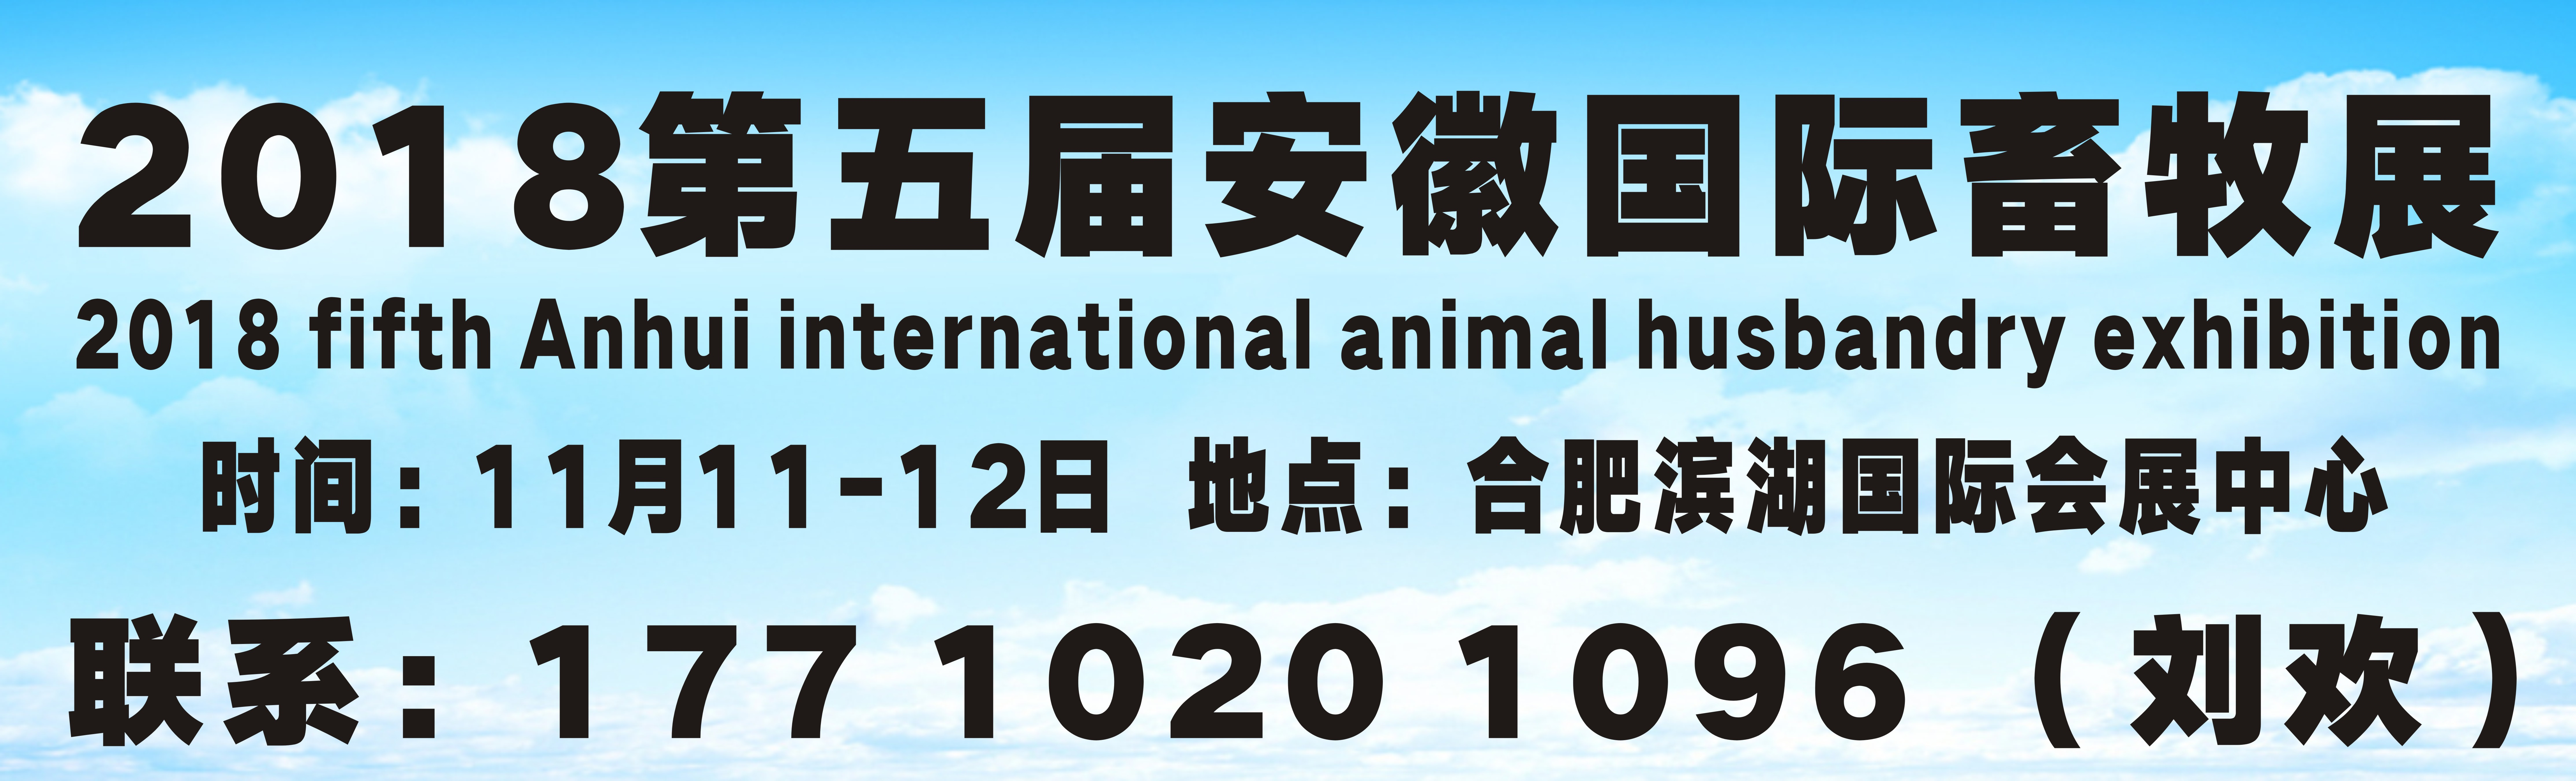 2018第五届安徽国际畜牧展